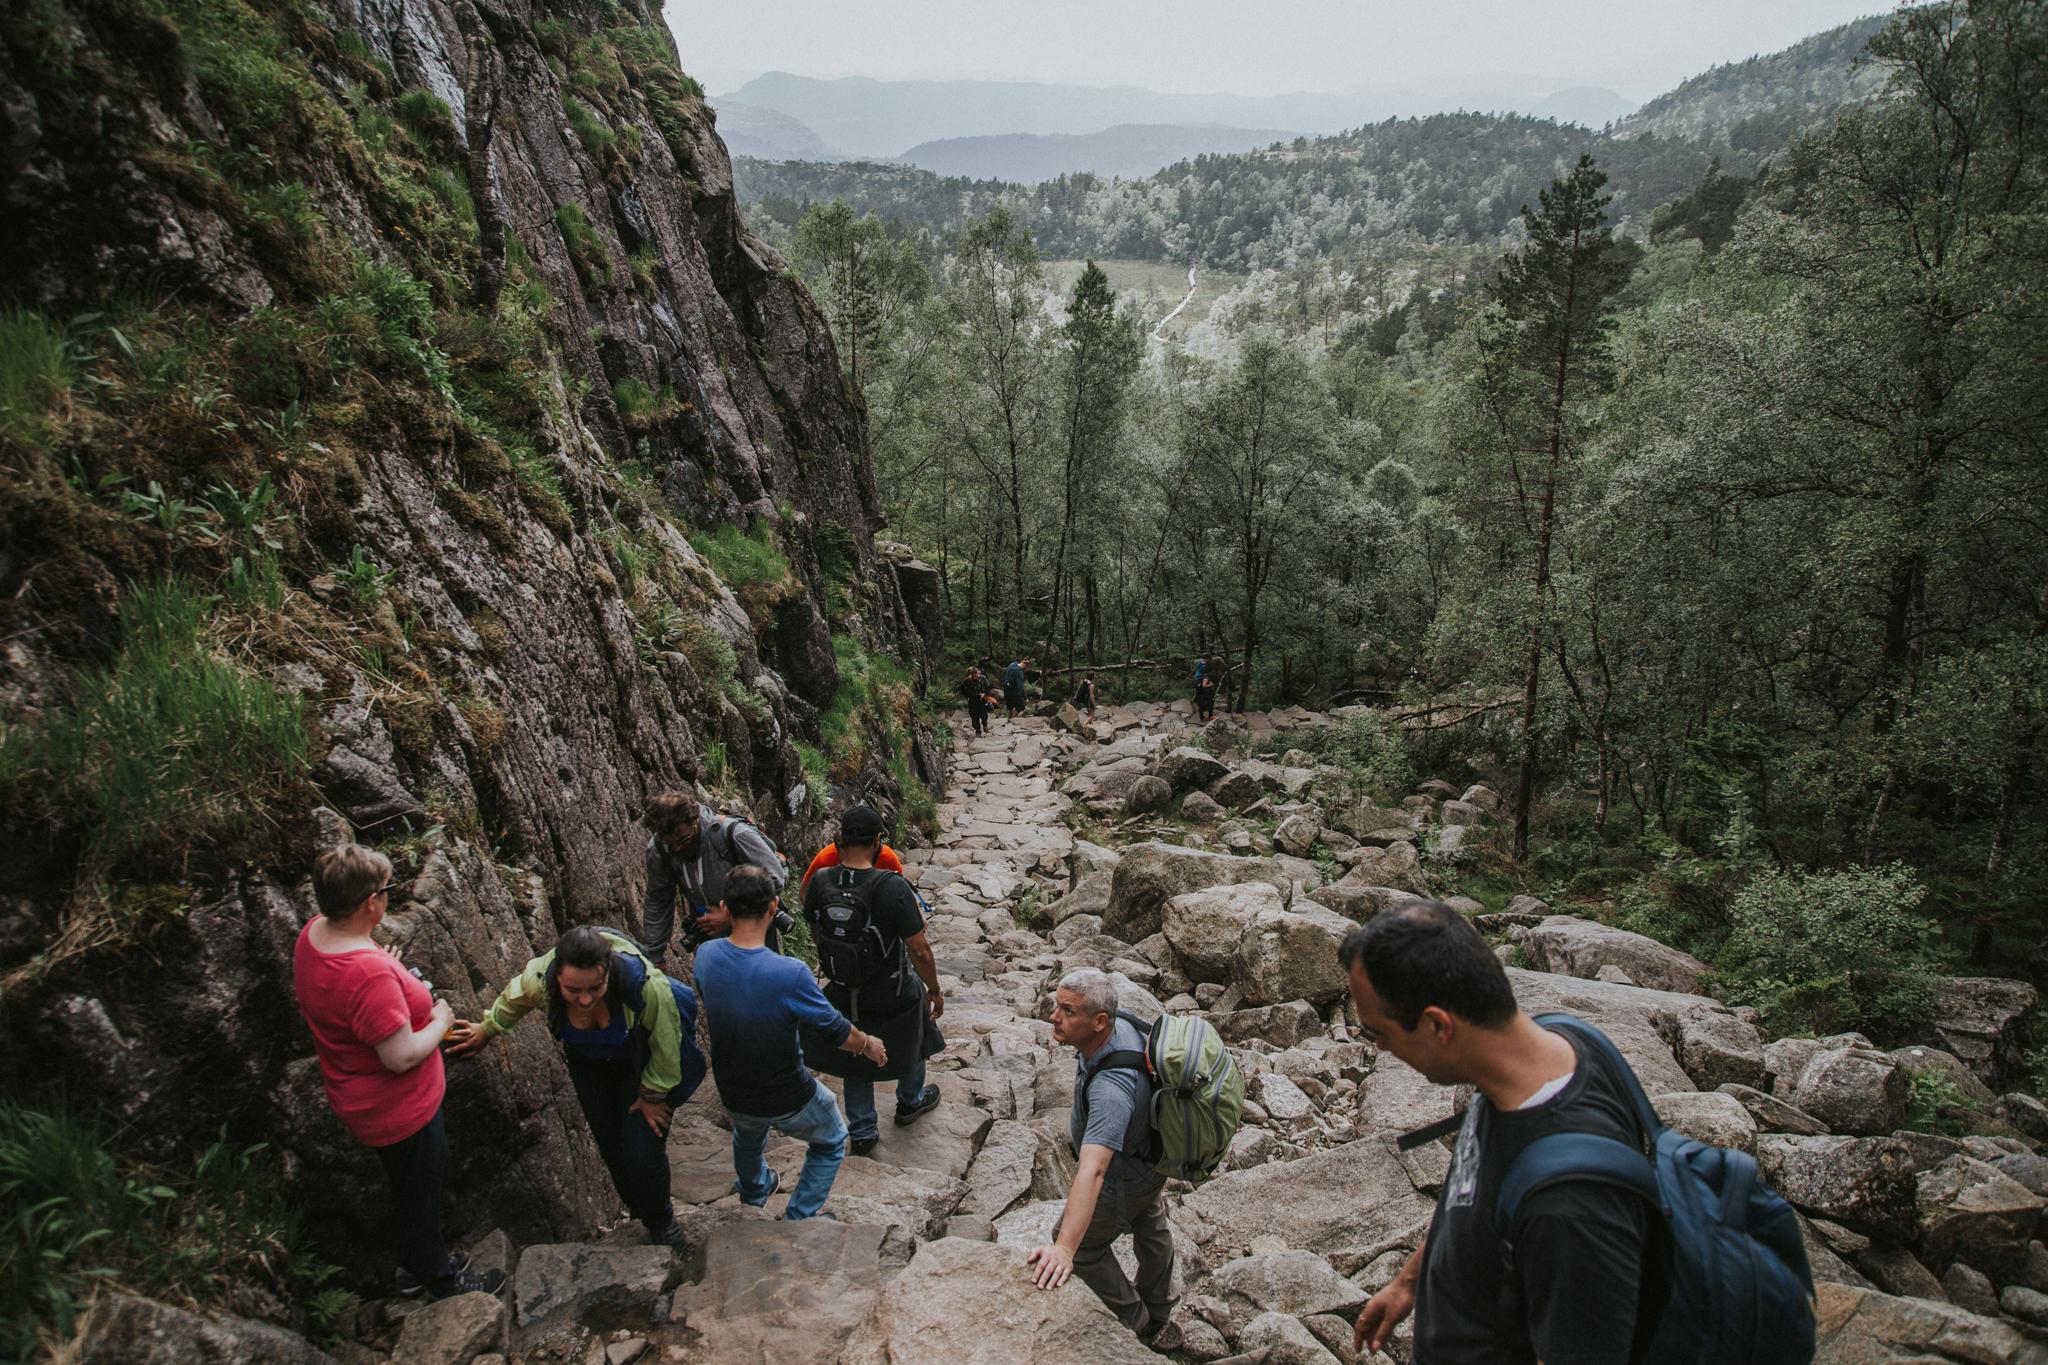 trekking-preikestolen-norwegia-wedrowka-na-polke-skalna